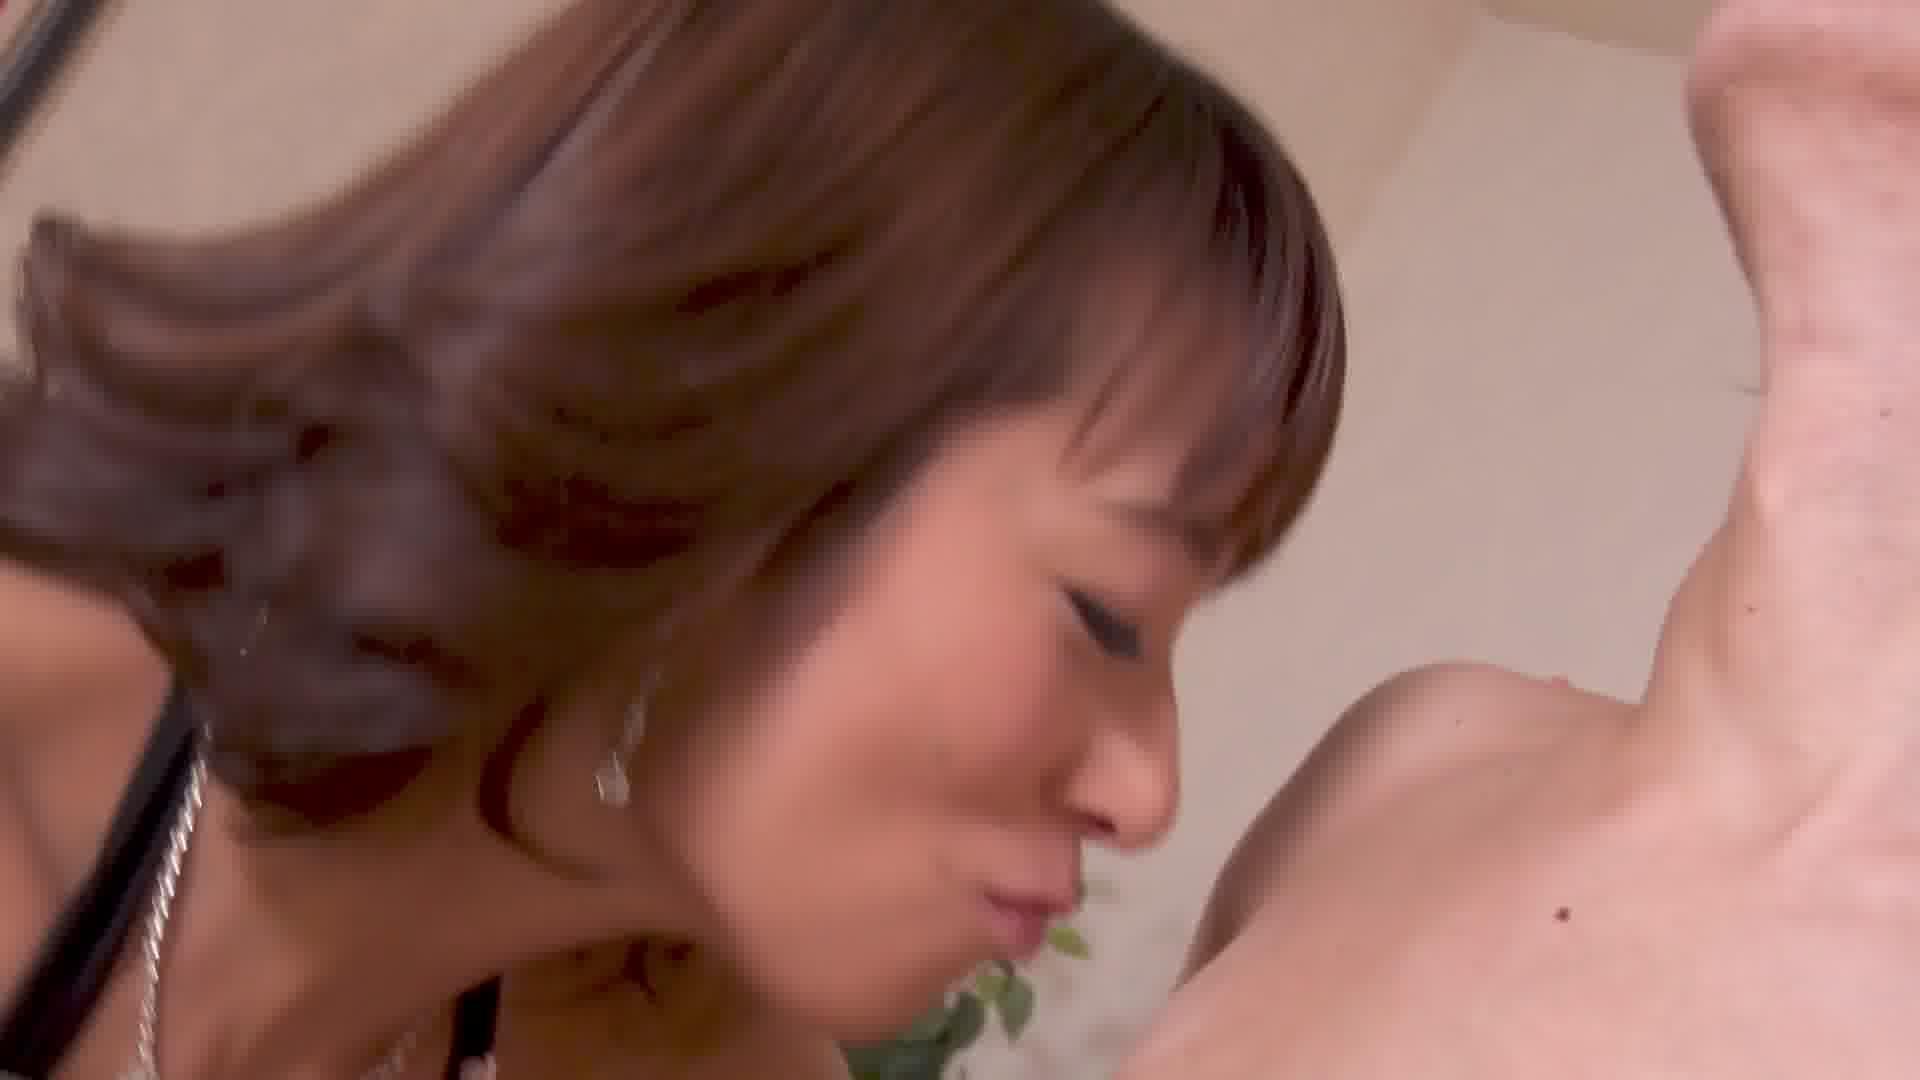 蝶が如く ~ピンク通りの二輪車ソープランド6~ - 彩華ゆかり【美乳・浴衣・3P】